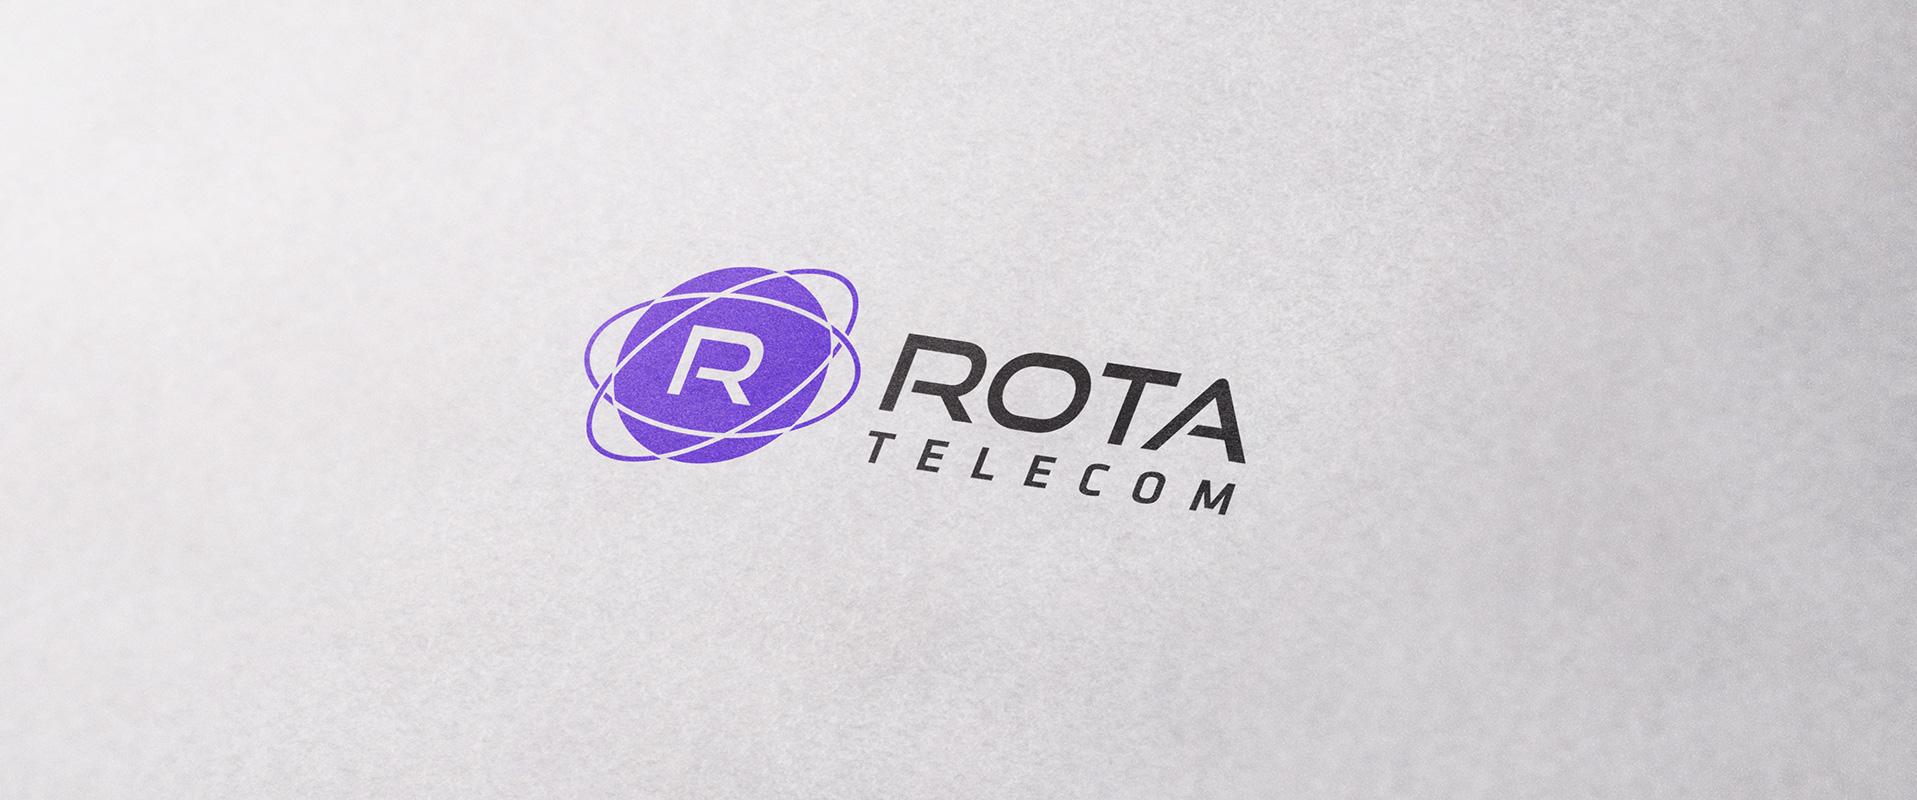 rota telecom logo design - ROTA Telecom